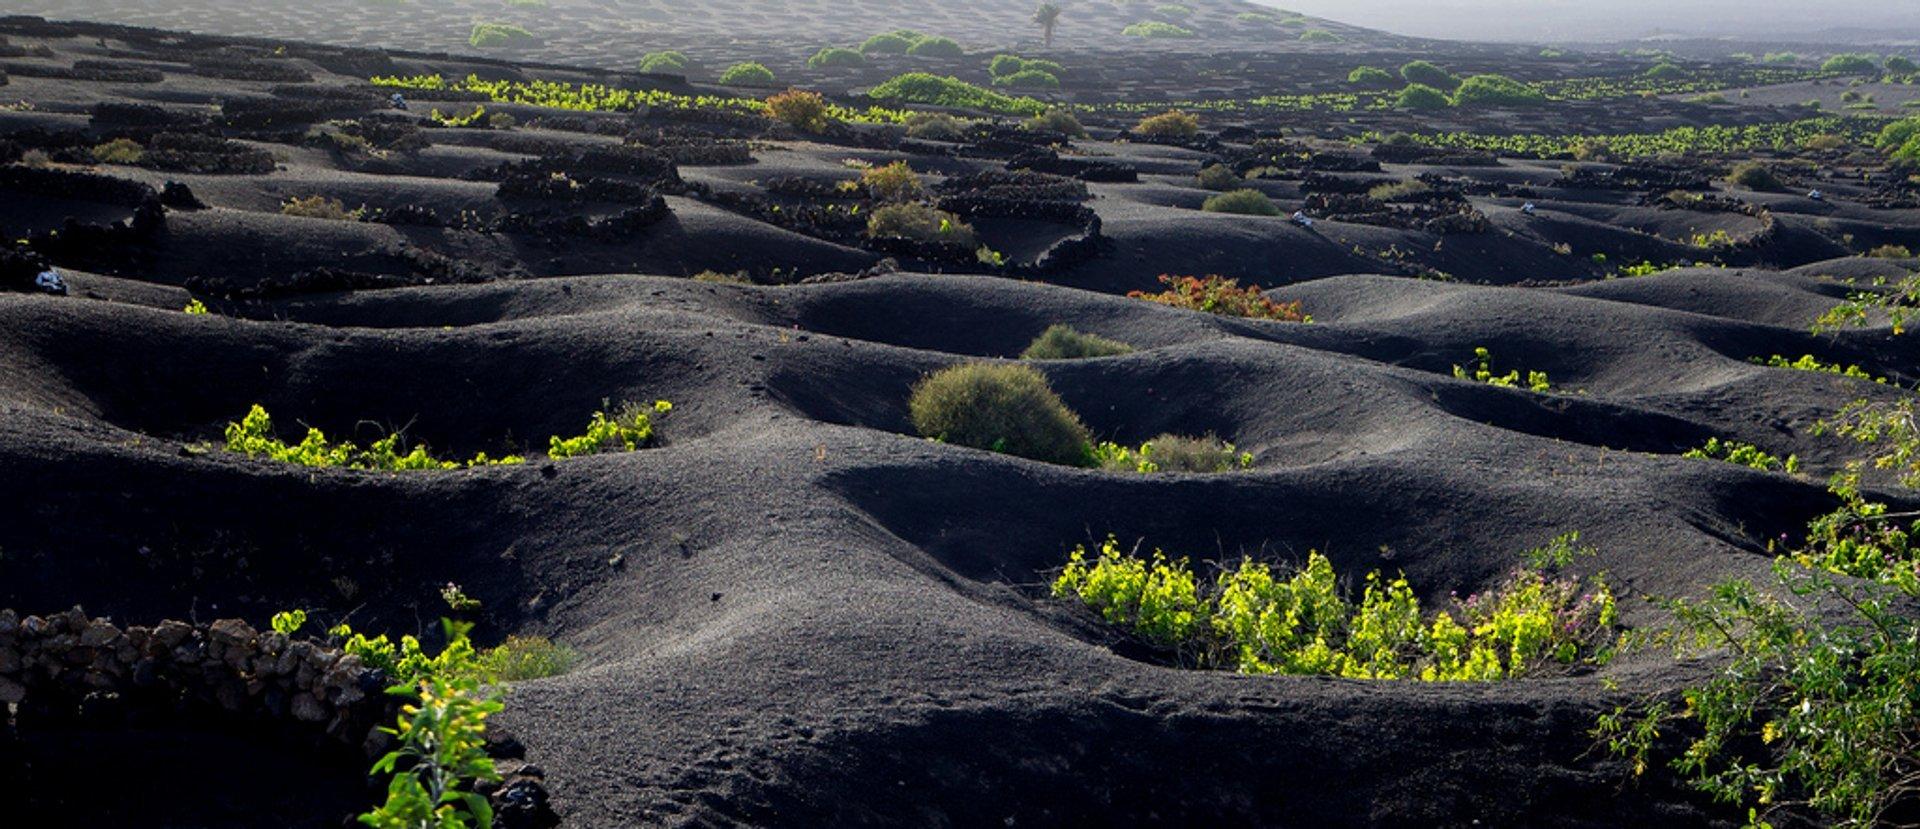 Lanzarote Volcanic Vineyards in Canary Islands - Best Season 2020